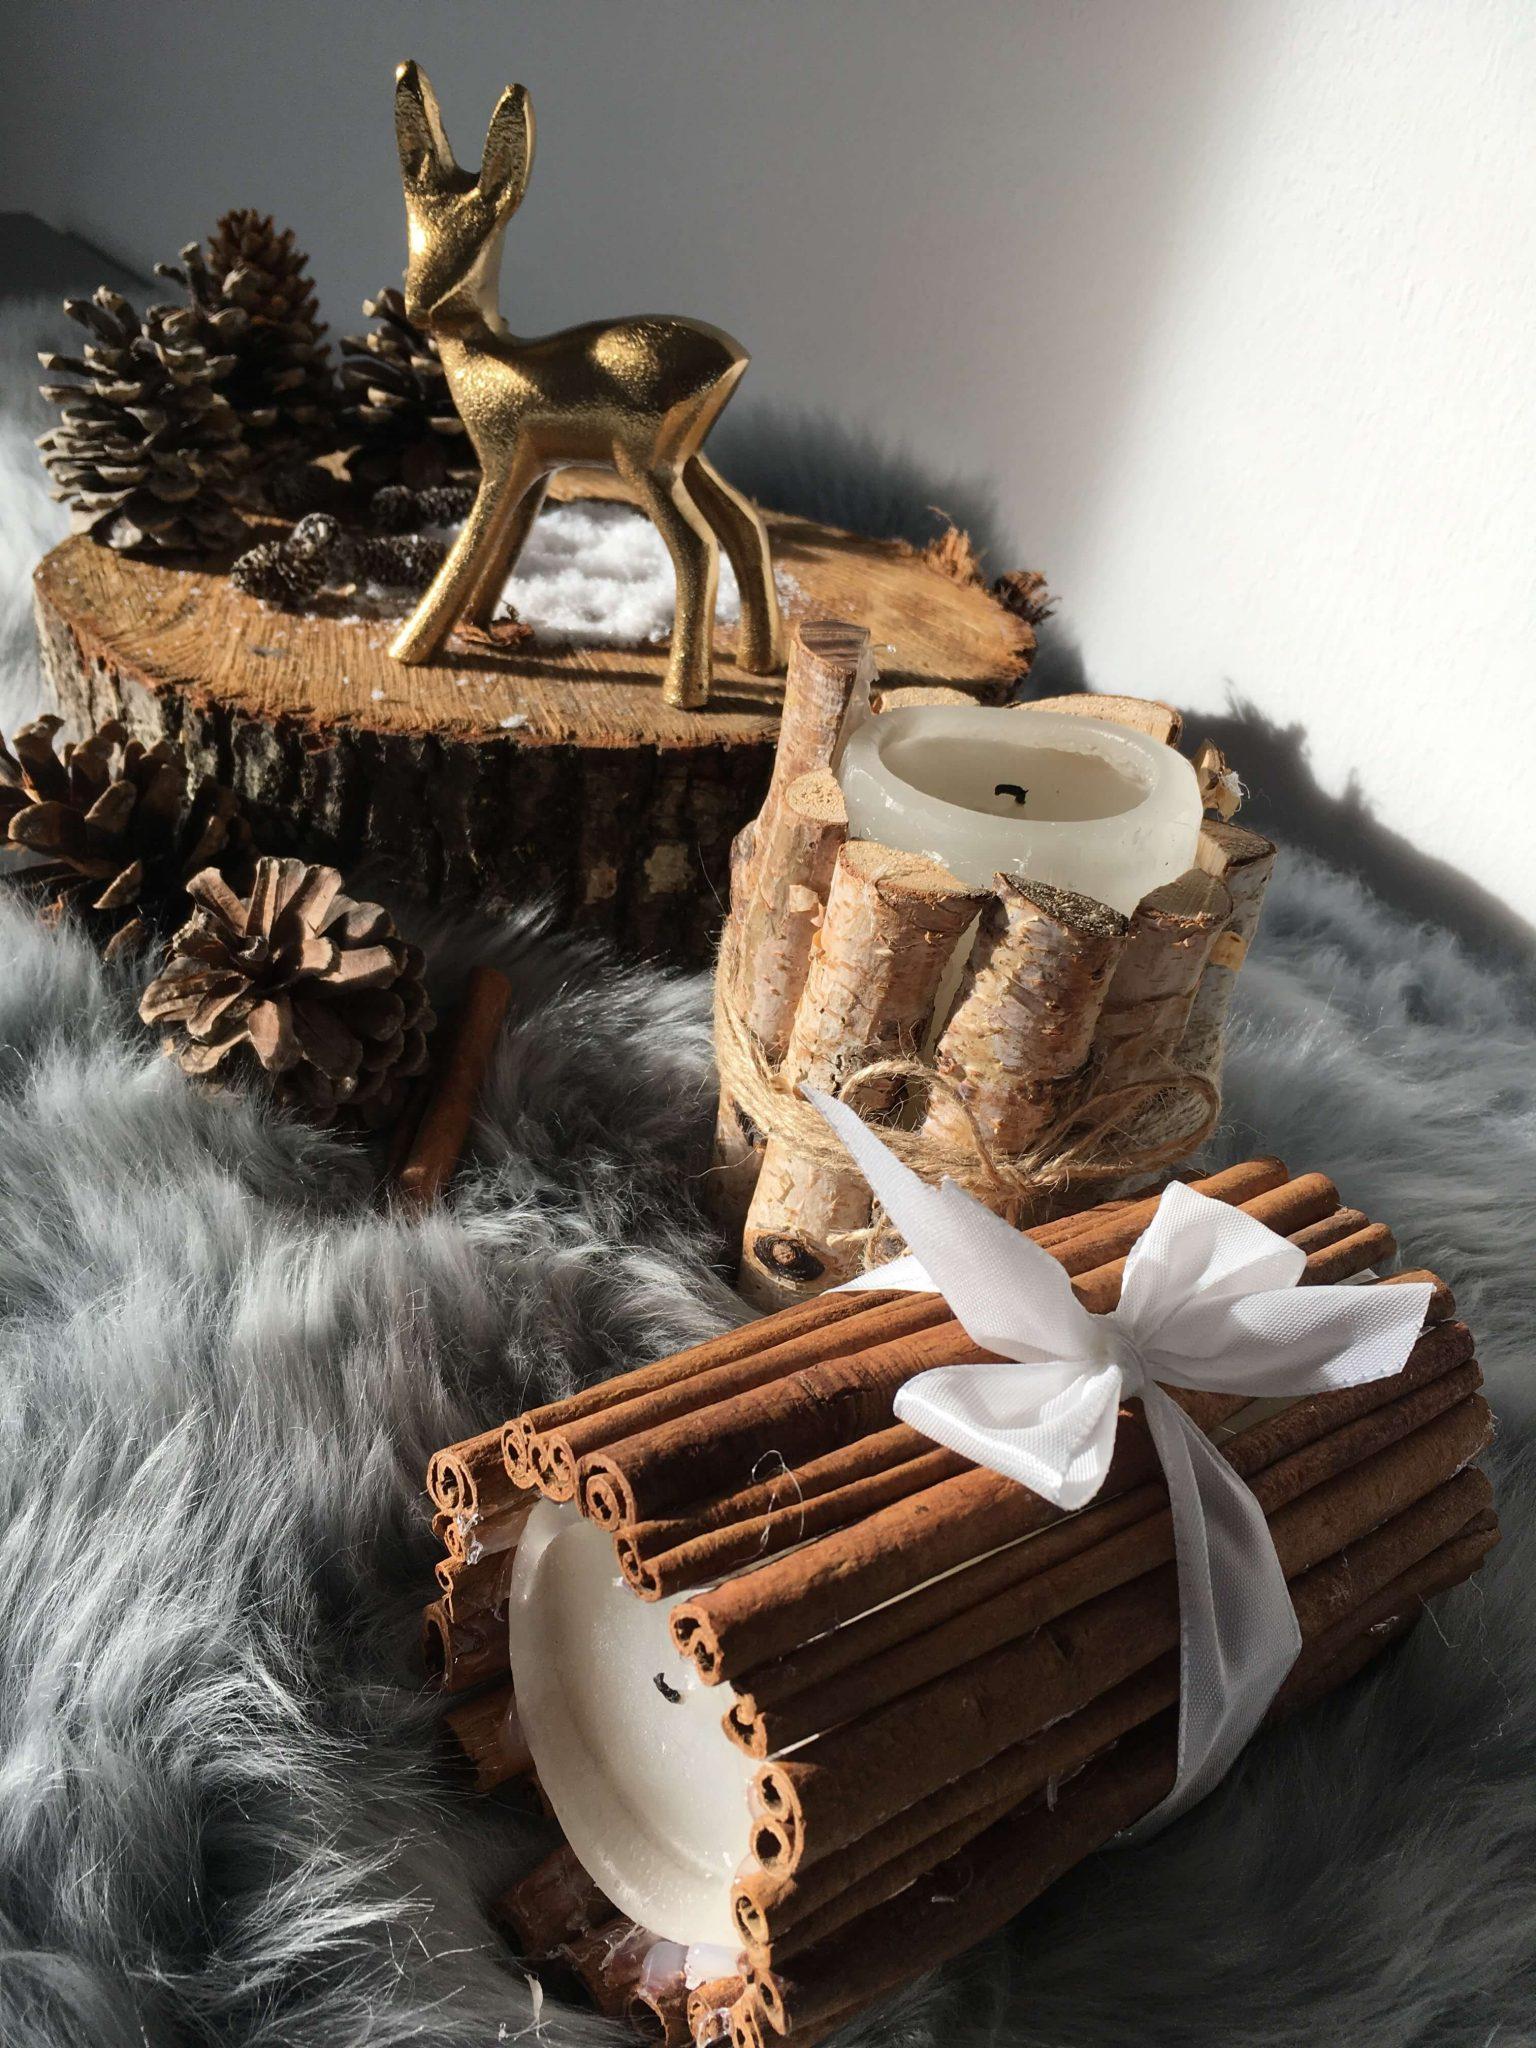 IMG 2328 1 e1541102653826 - Je čas na ozdoby a dekorácie - lebo Vianoce